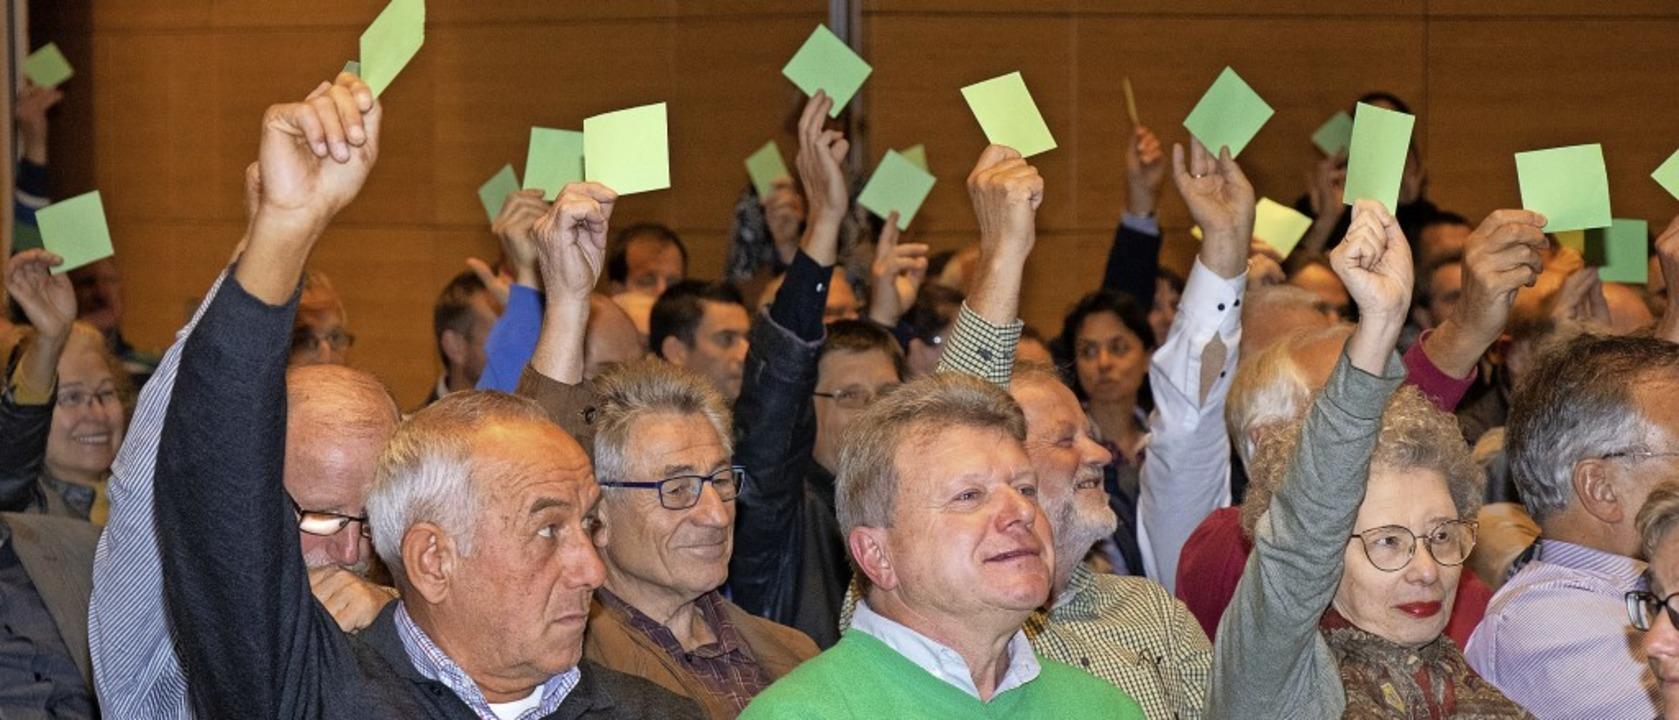 Beim Bürgerforum über das weitere Vorg... über gelbe und grüne Karten anzeigen.  | Foto:  Peter Rosa